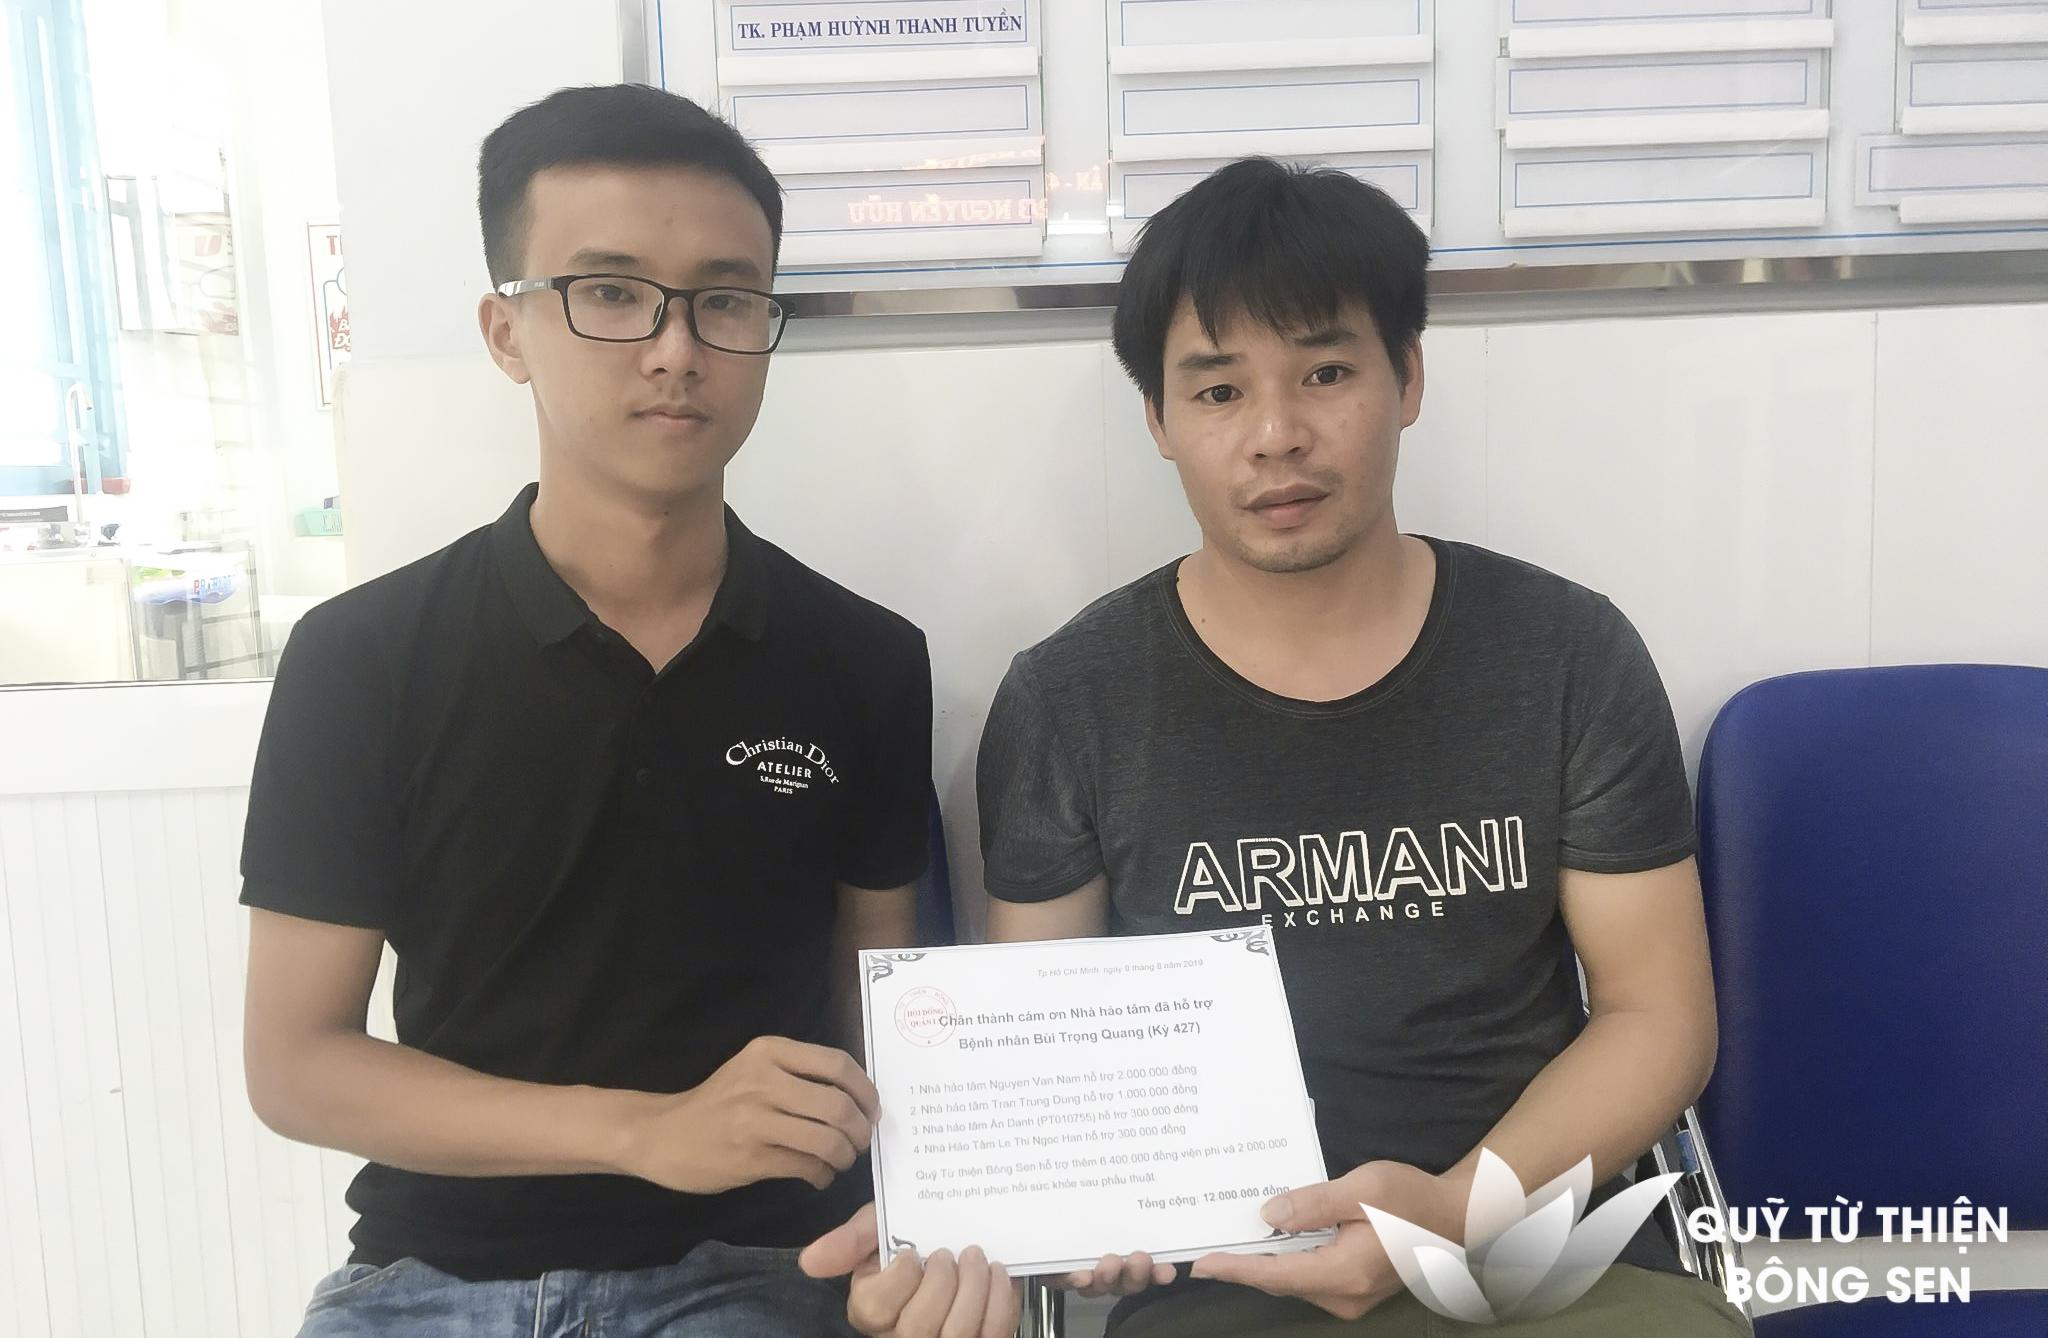 Kỳ 427: Bùi Trọng Quang (1 tuổi) quê Thanh Hóa, Tim bẩm sinh, hỗ trợ 12 triệu đồng ngày 8/8/2019